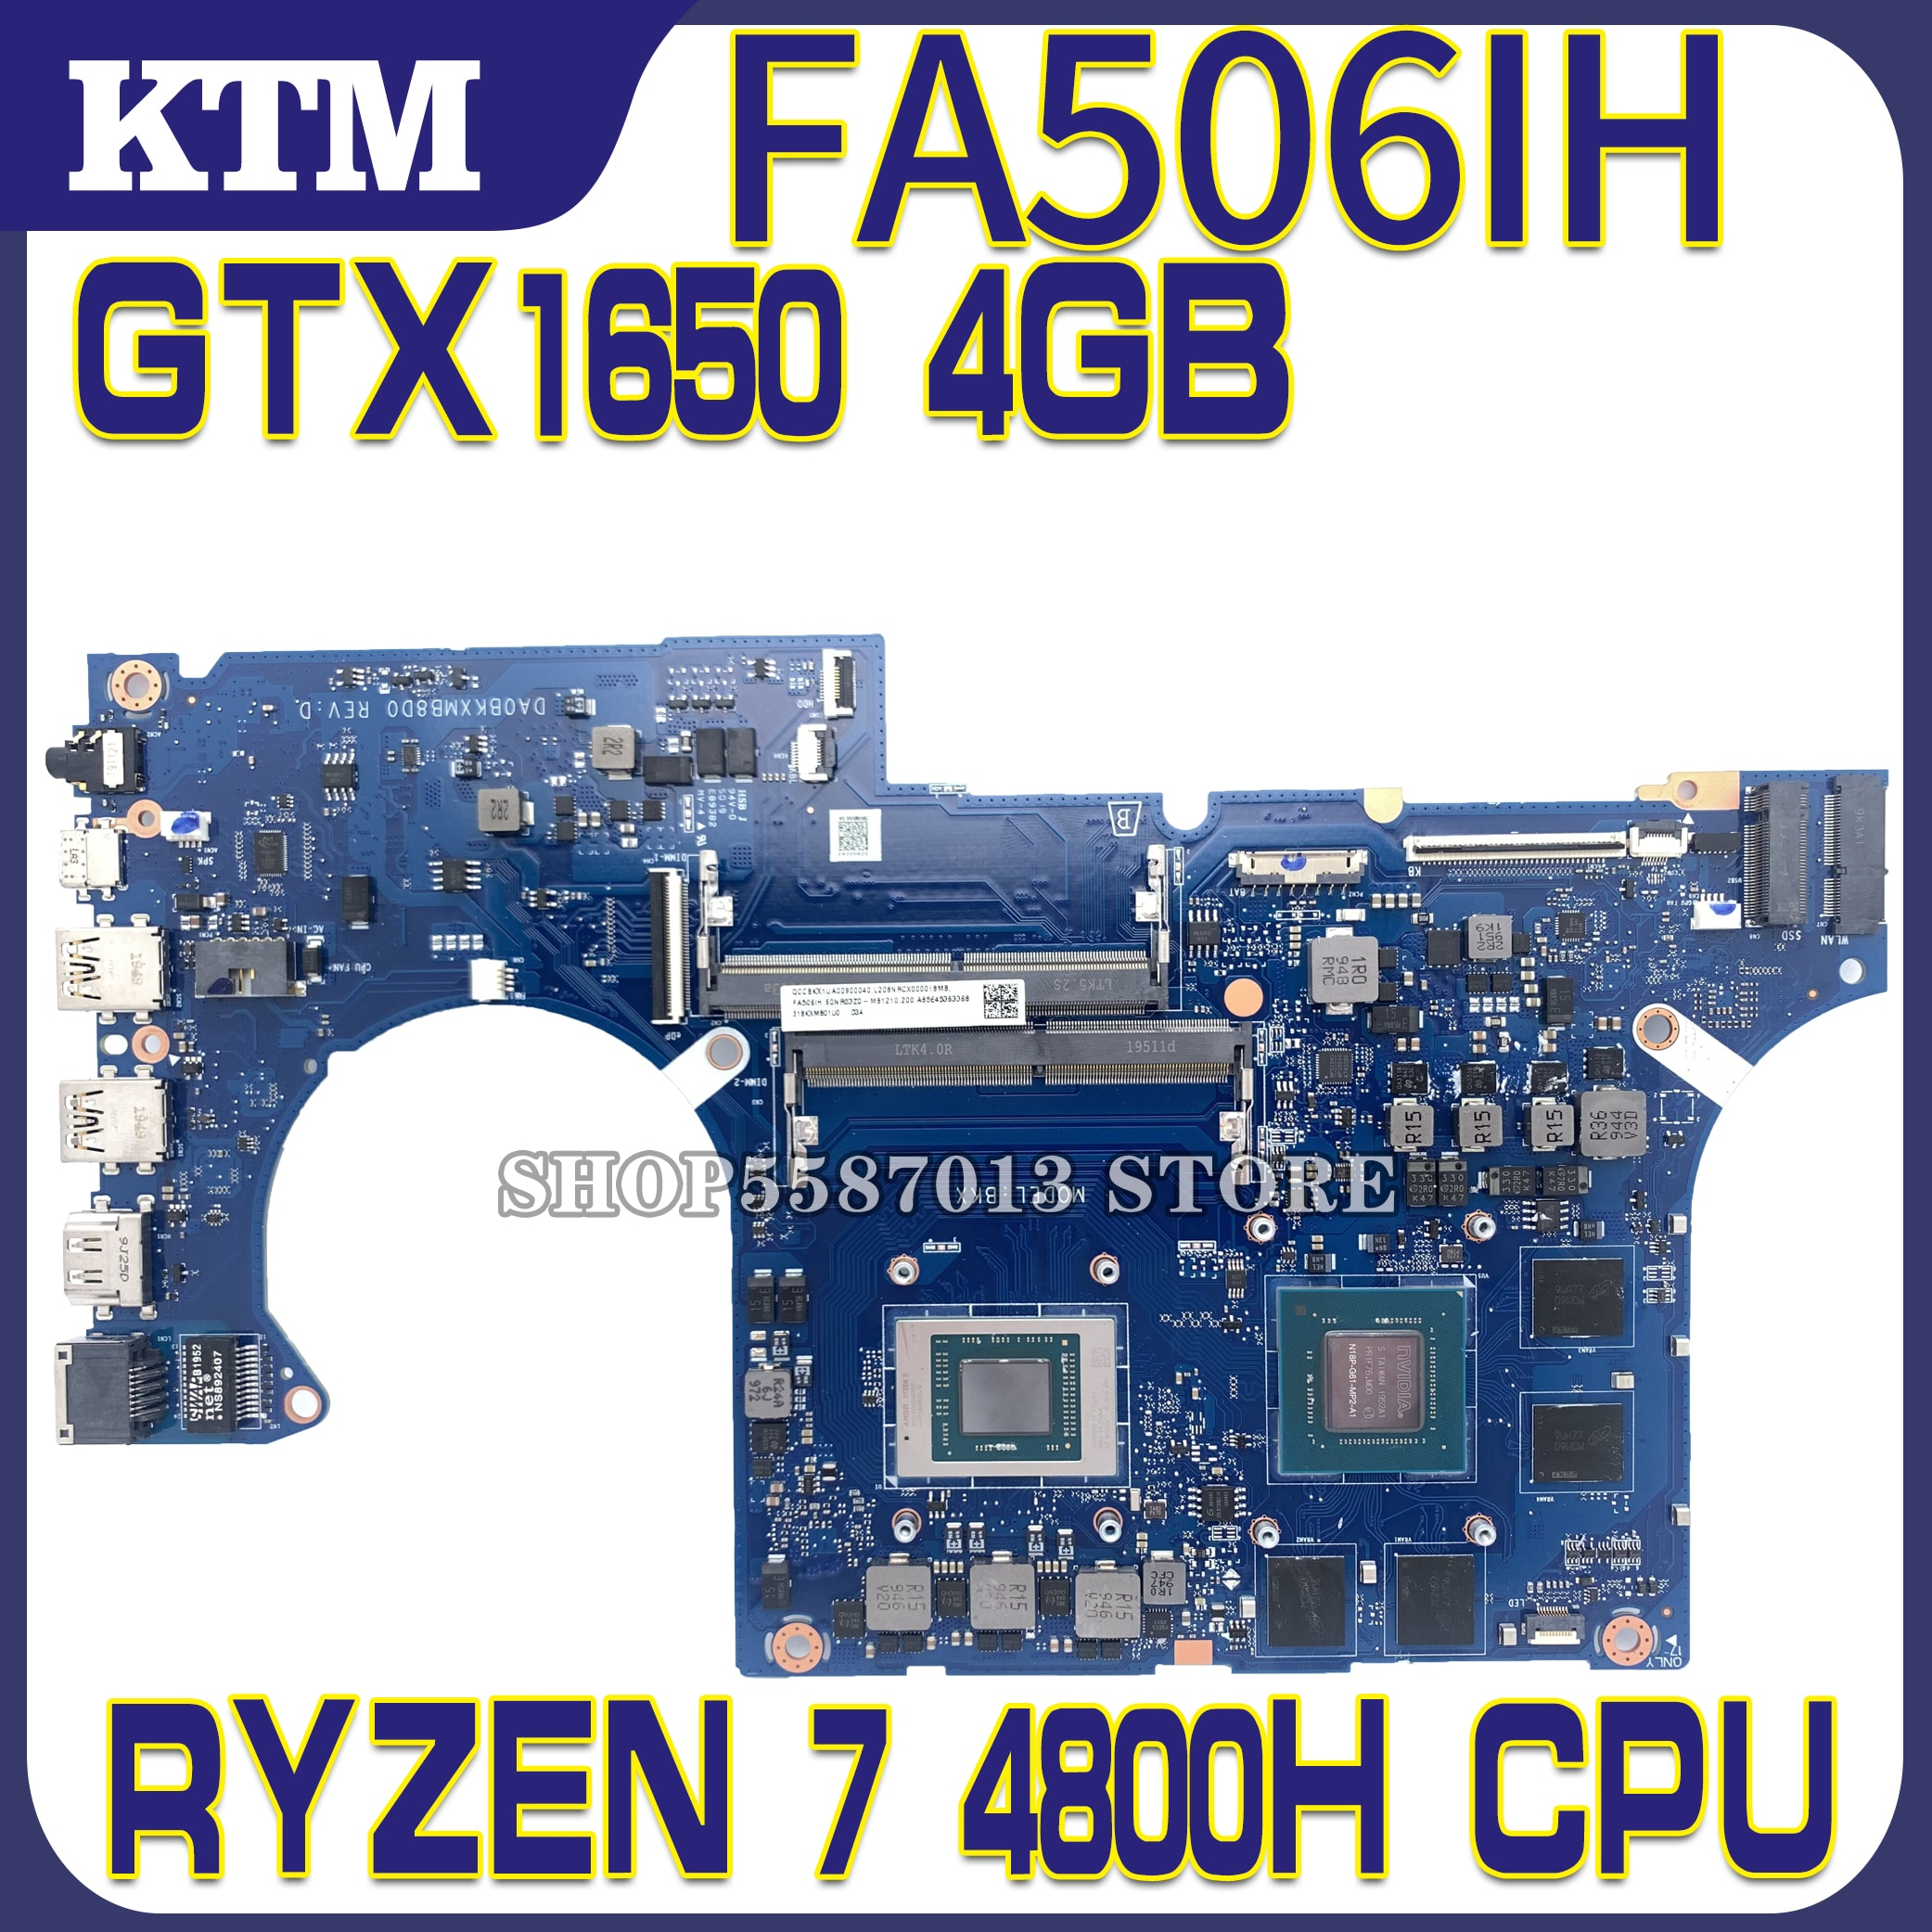 DA0BKXMB8D0 placa base de Computadora Portátil para ASUS TUF de A15 FA506IH...